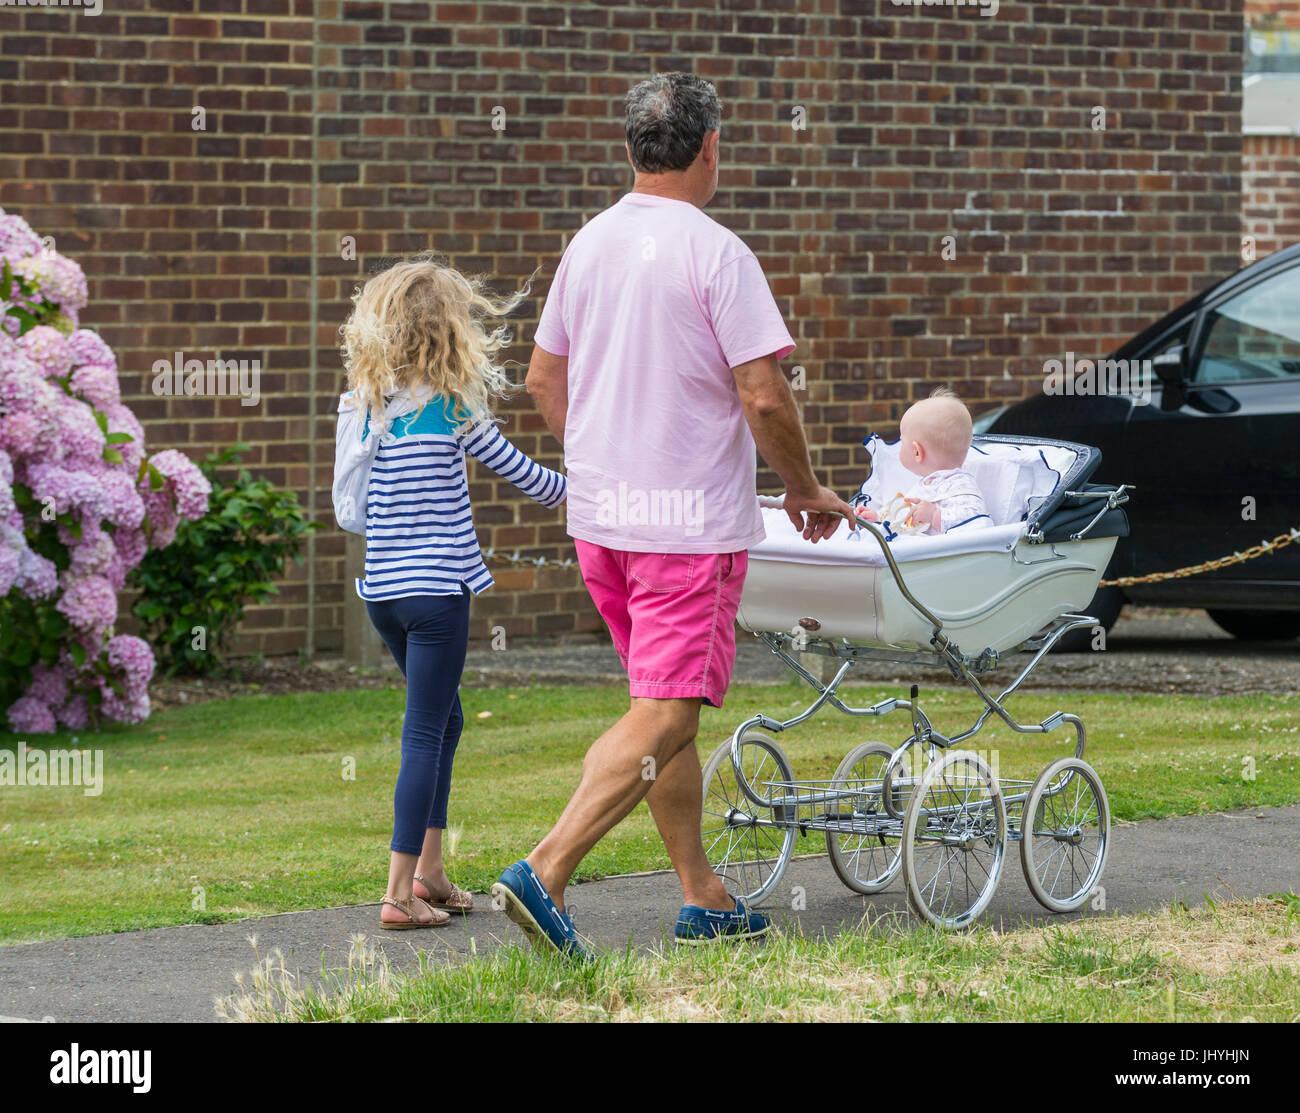 Homme marchant avec un enfant et poussant un landau avec un bébé. Famille monoparentale. Photo Stock